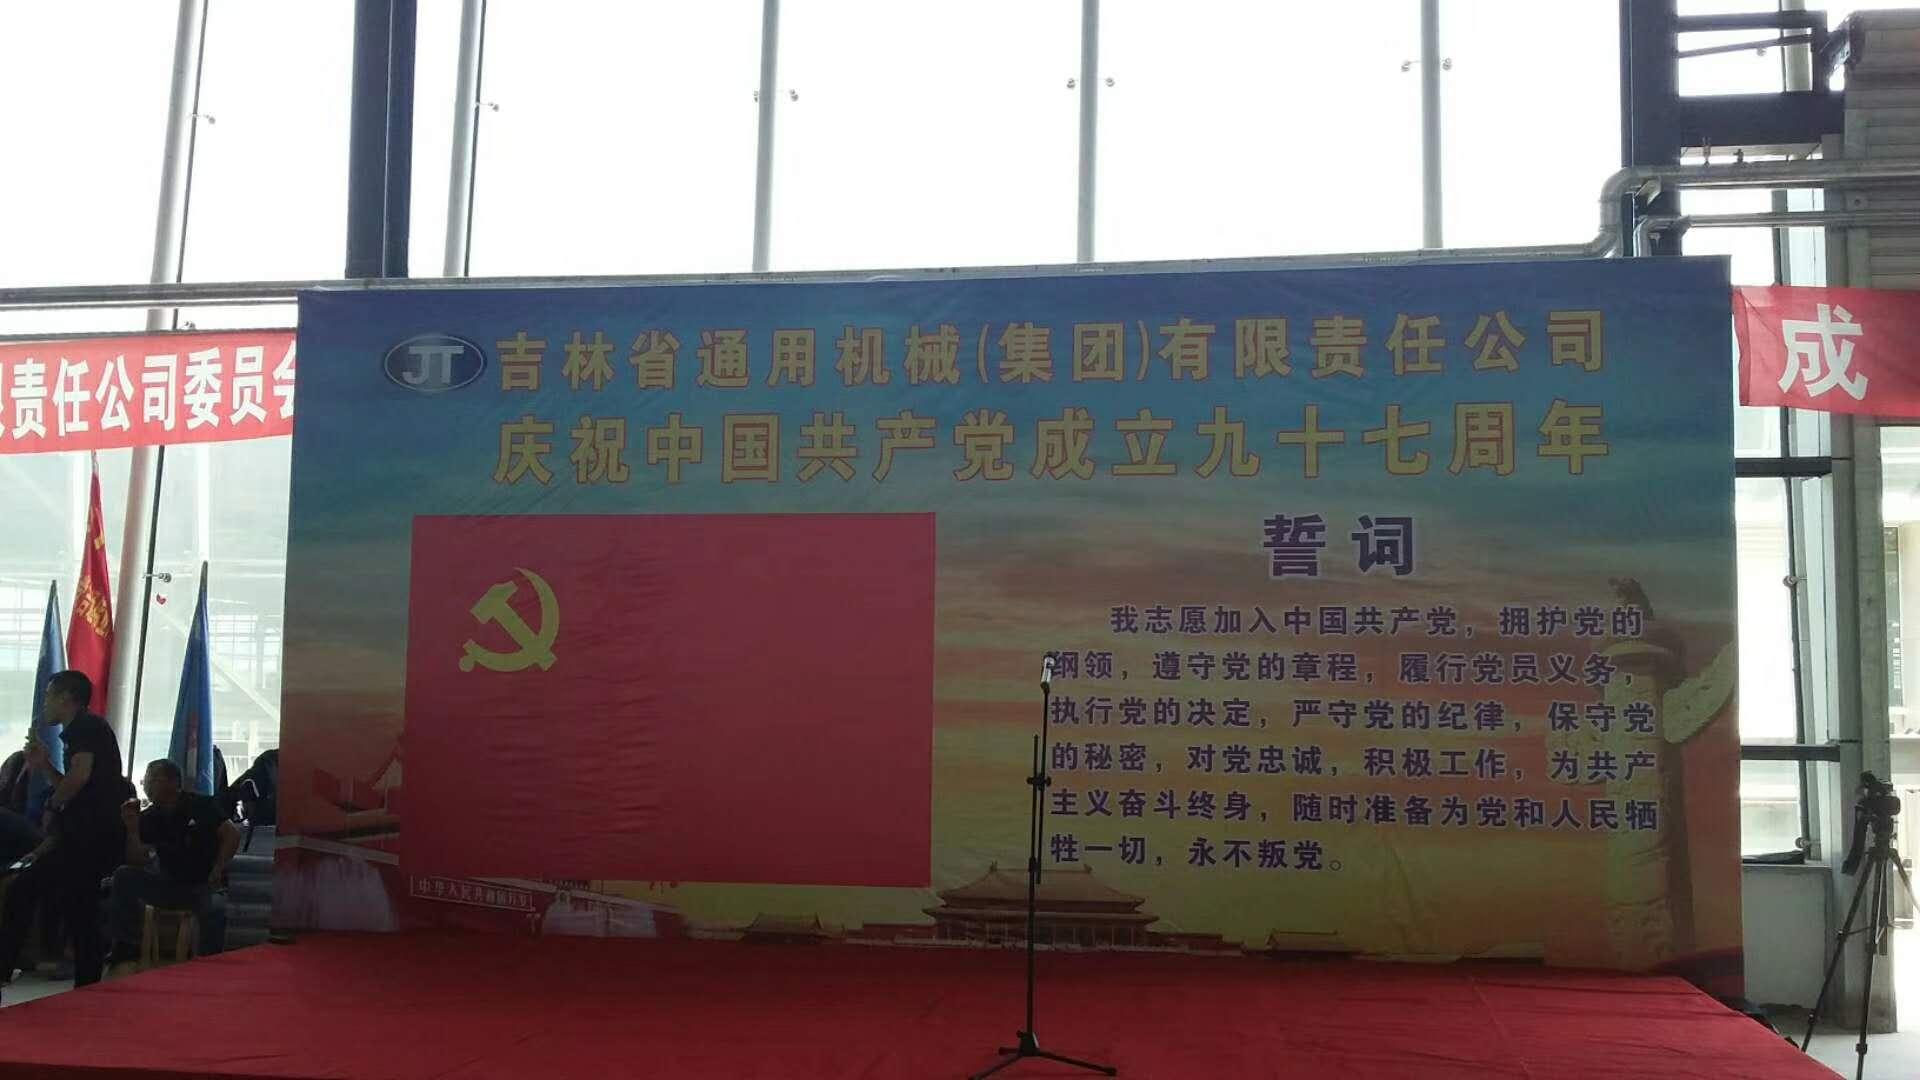 6月30日 集团公司党委召开庆祝中国共产党建党97周年大会